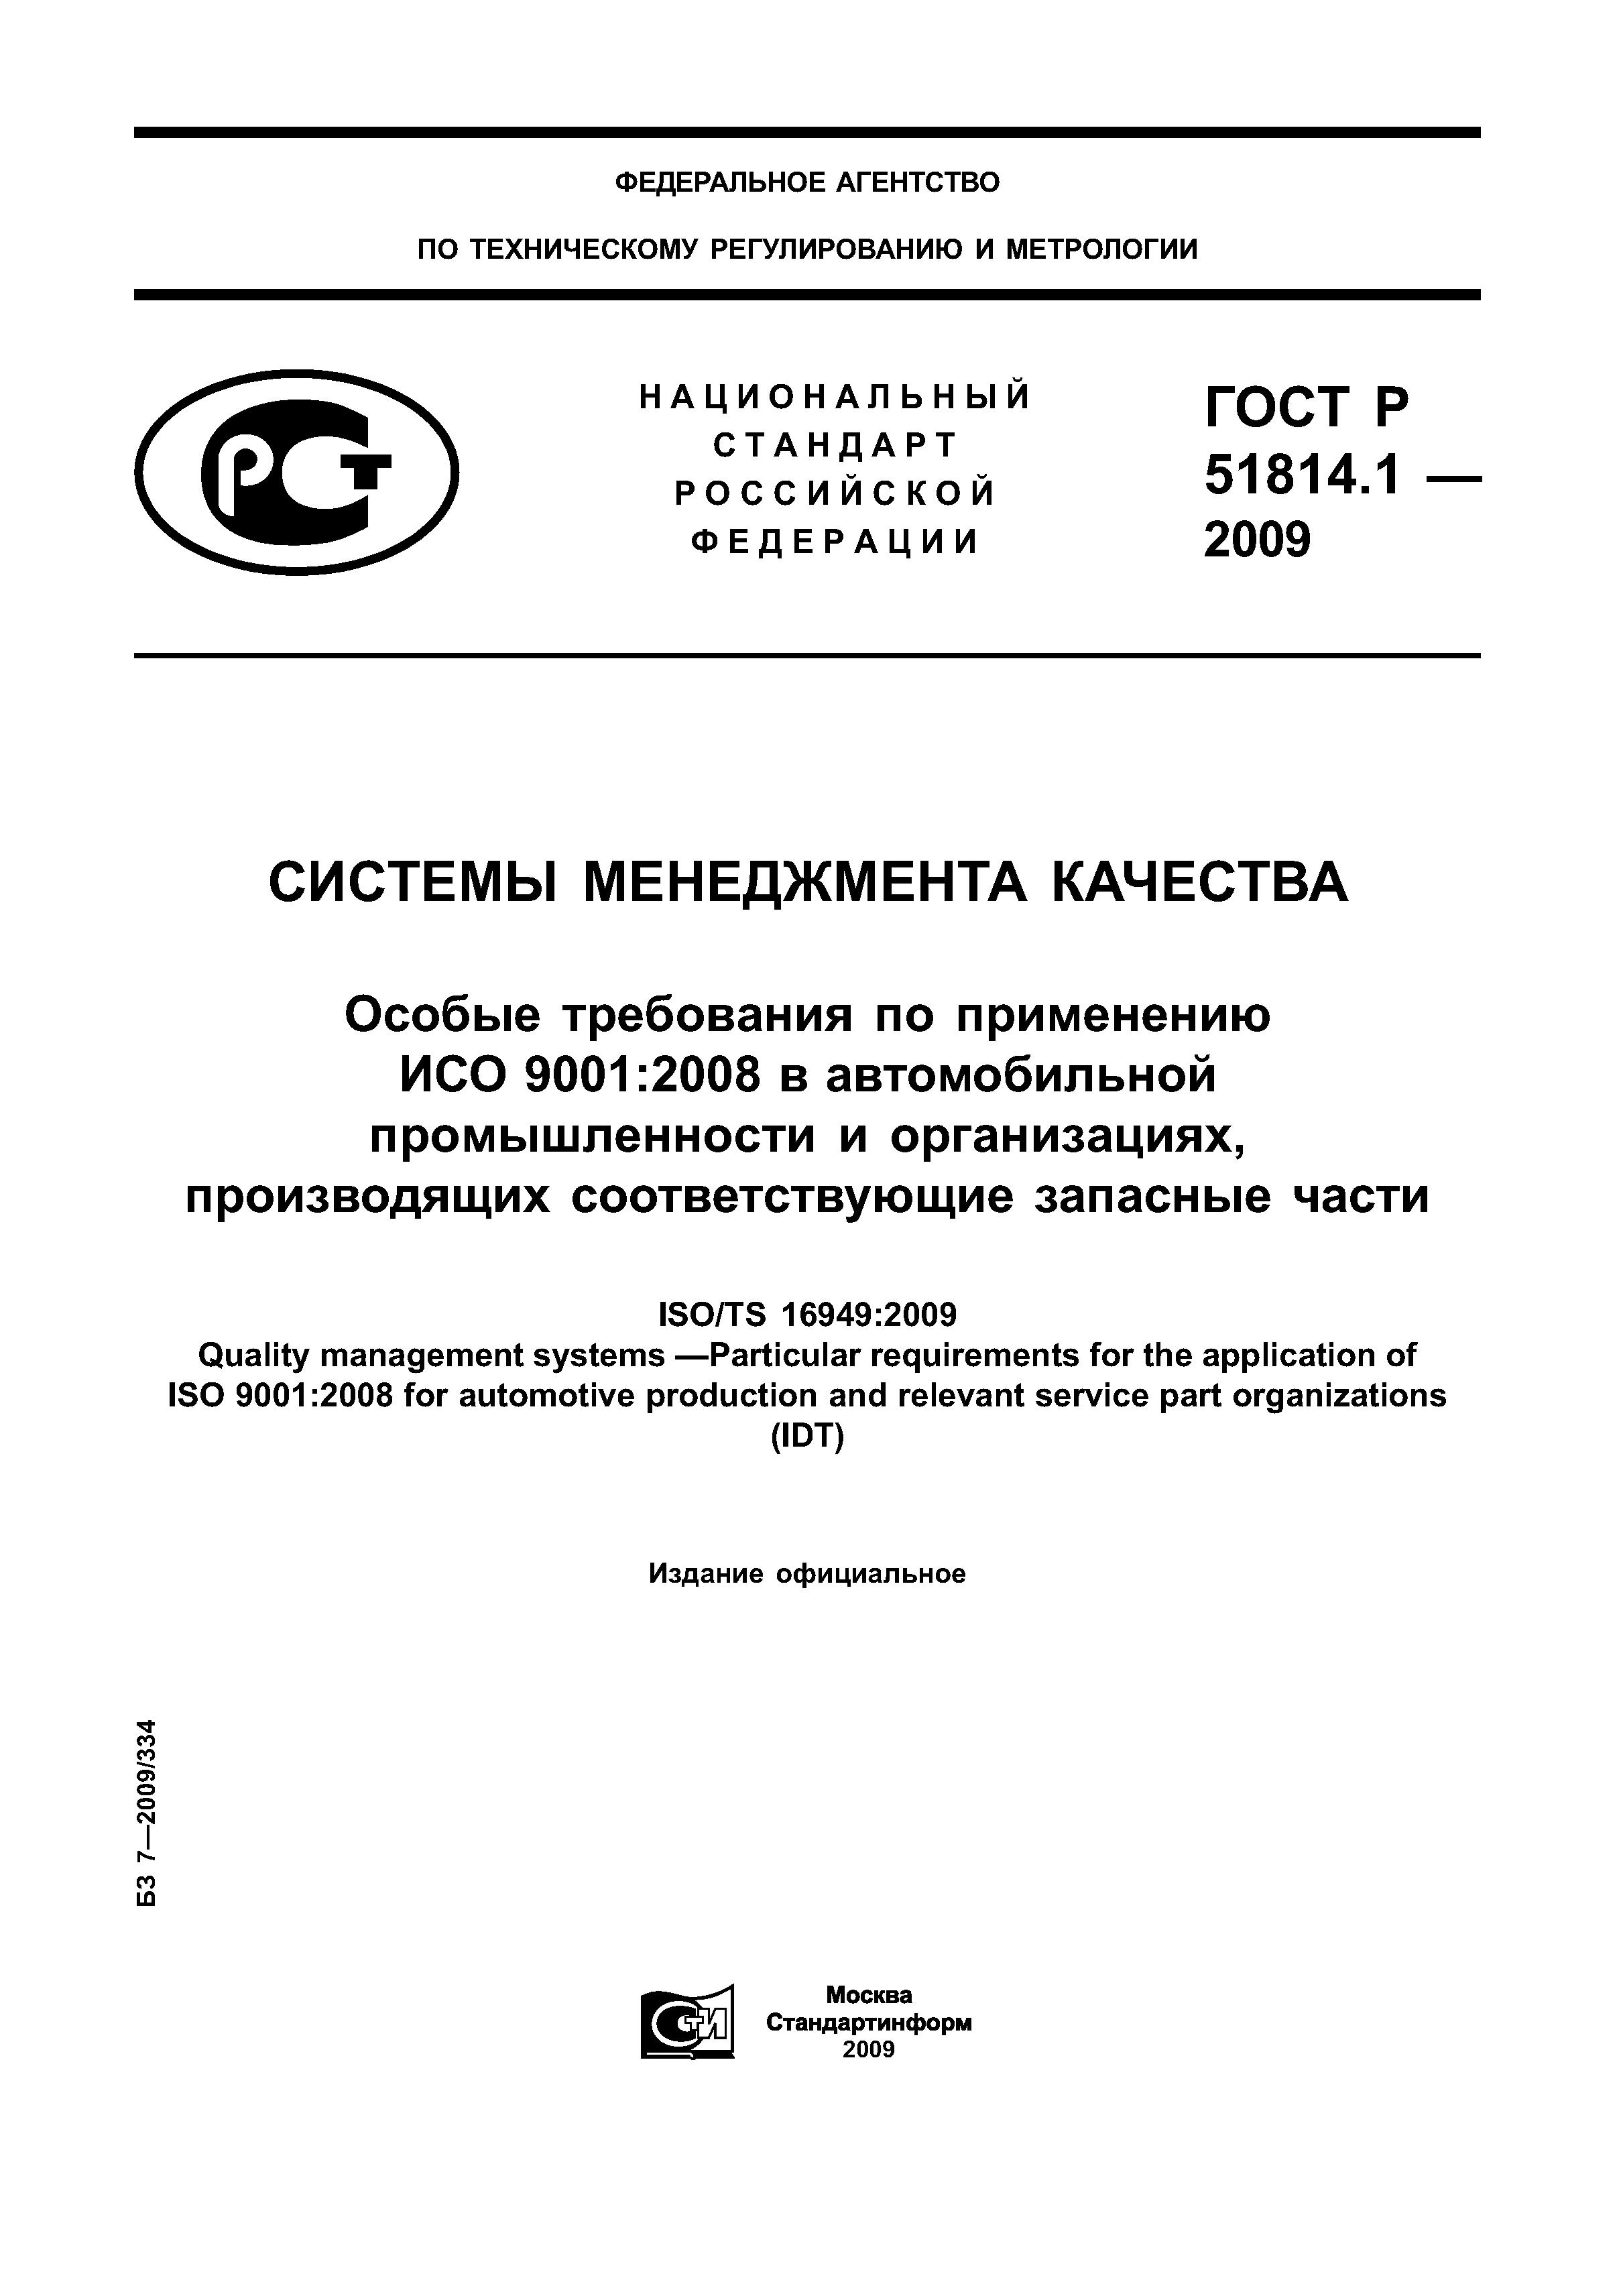 Текст документа исо ту 16949 2002 ооо международная сертификация промышленности